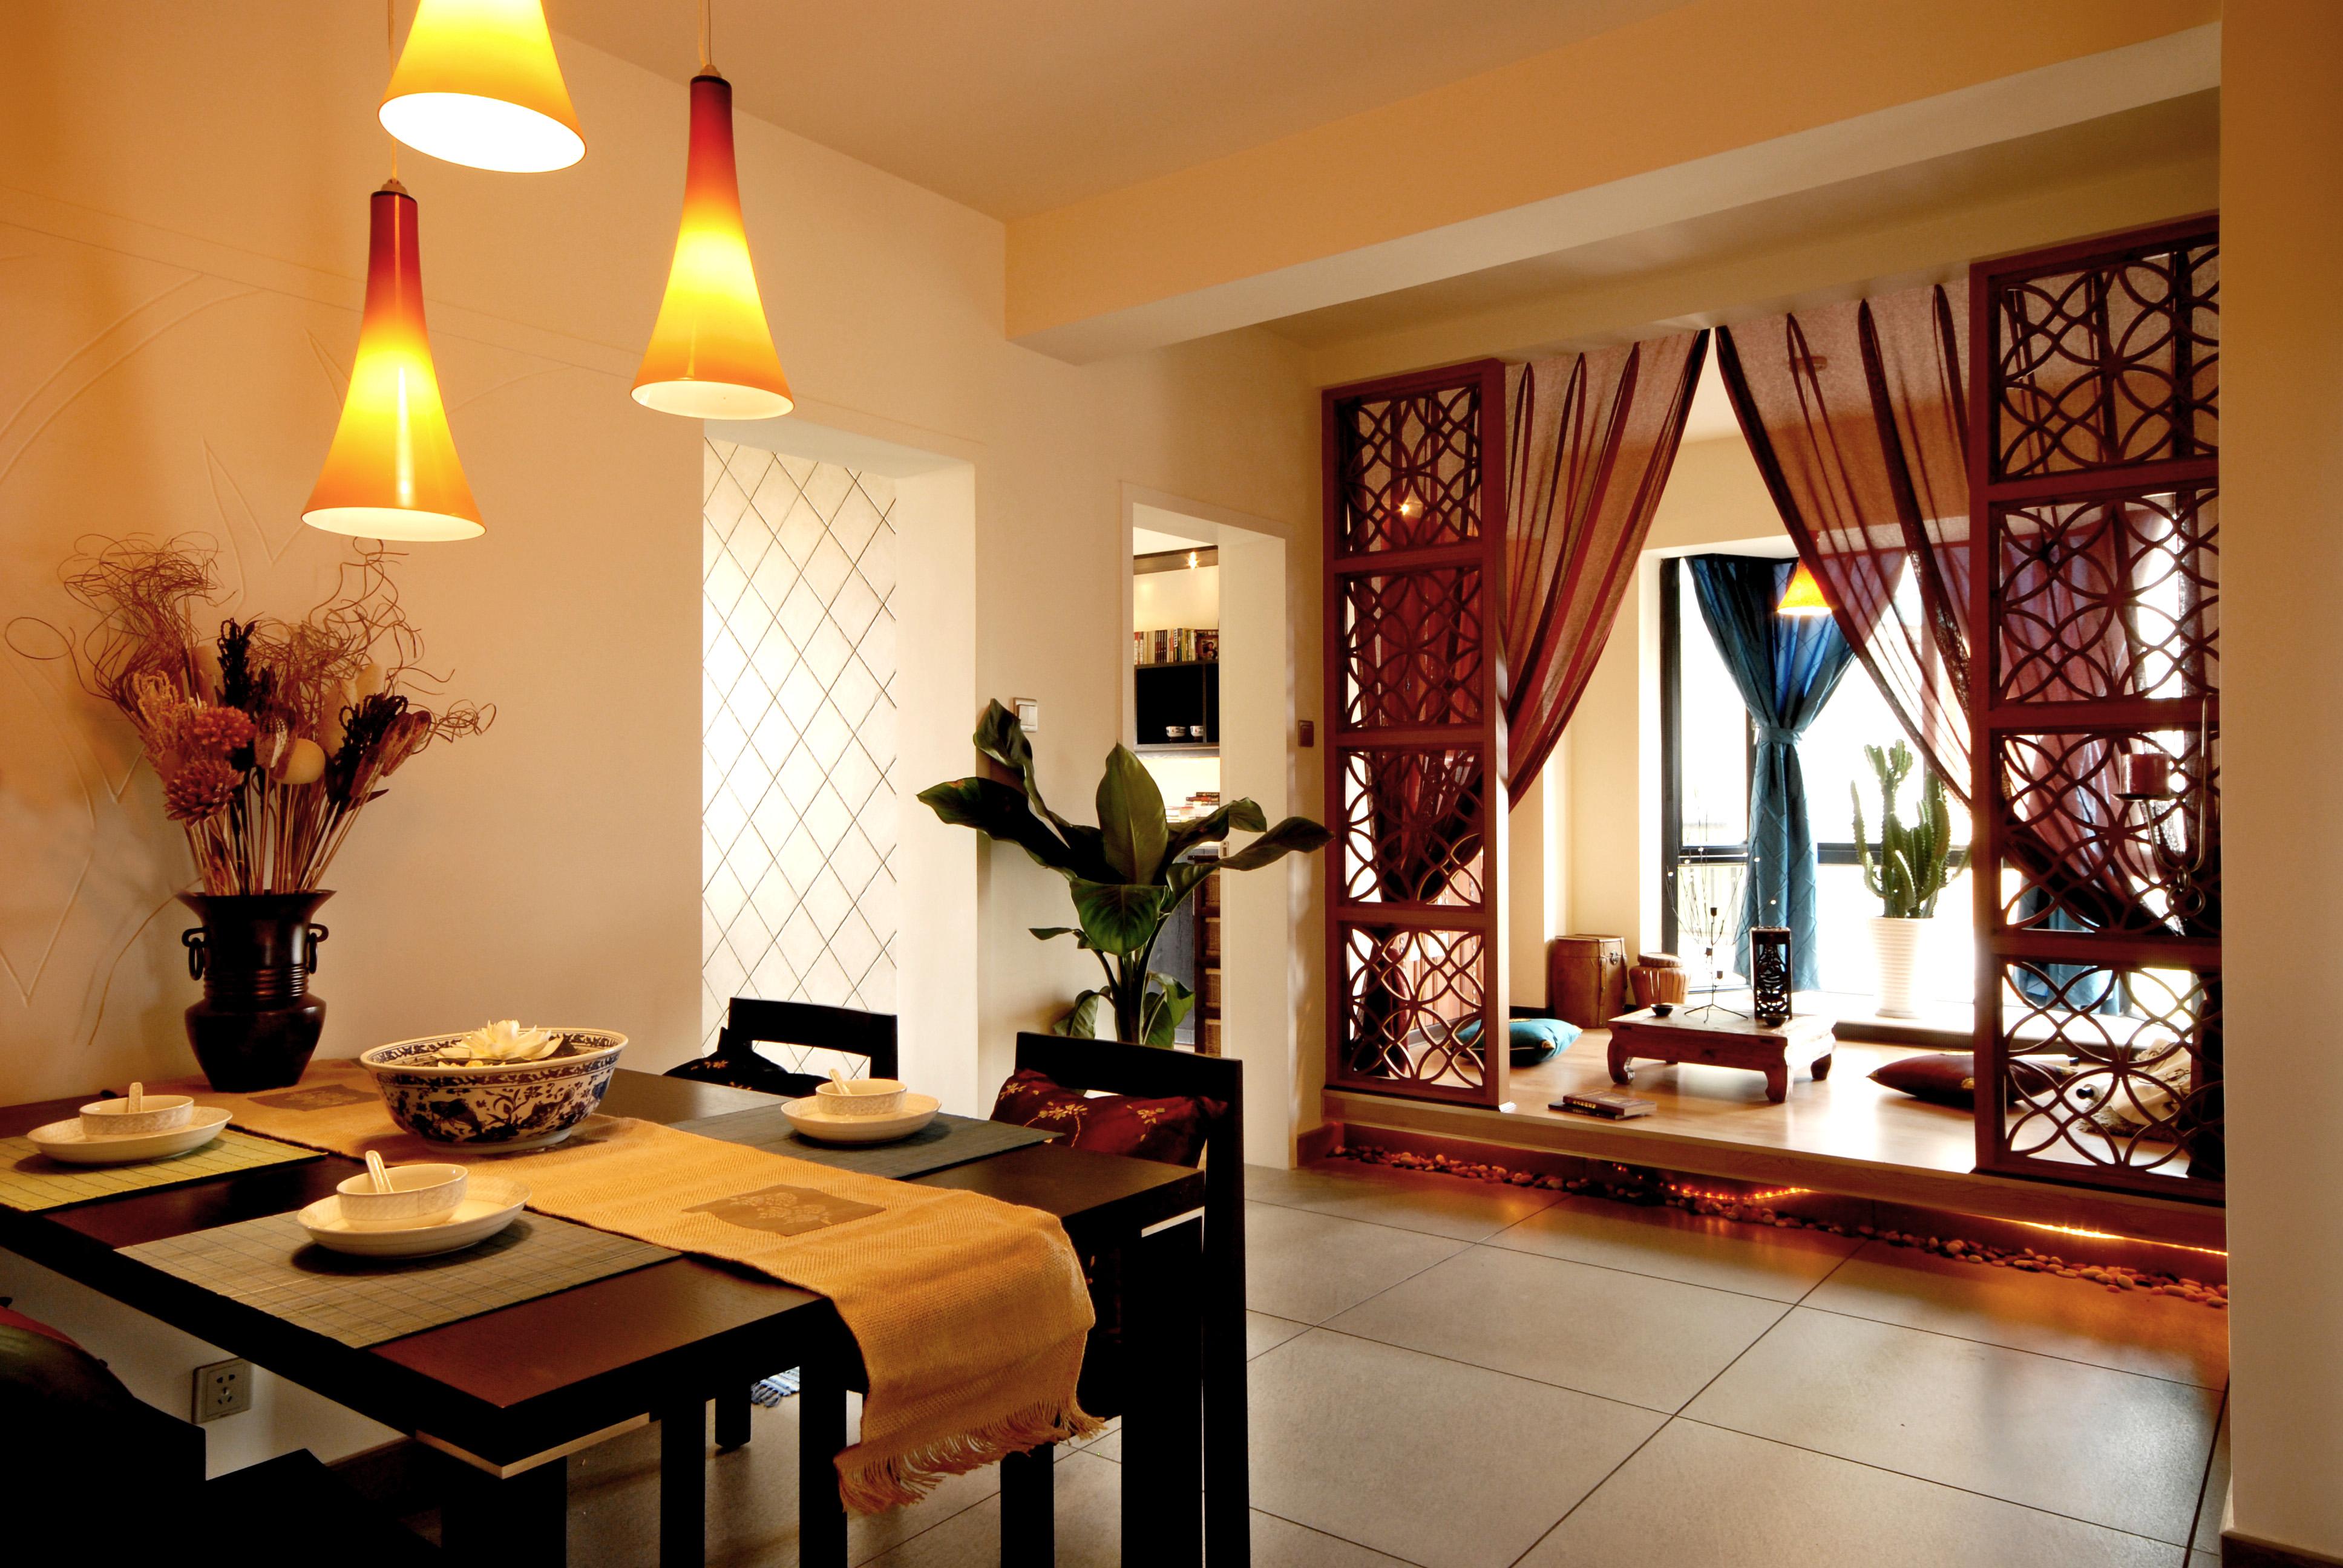 中式古典风 今朝装饰 龙水路 二居 餐厅图片来自北京今朝装饰在中式古典--龙水路22号院的分享